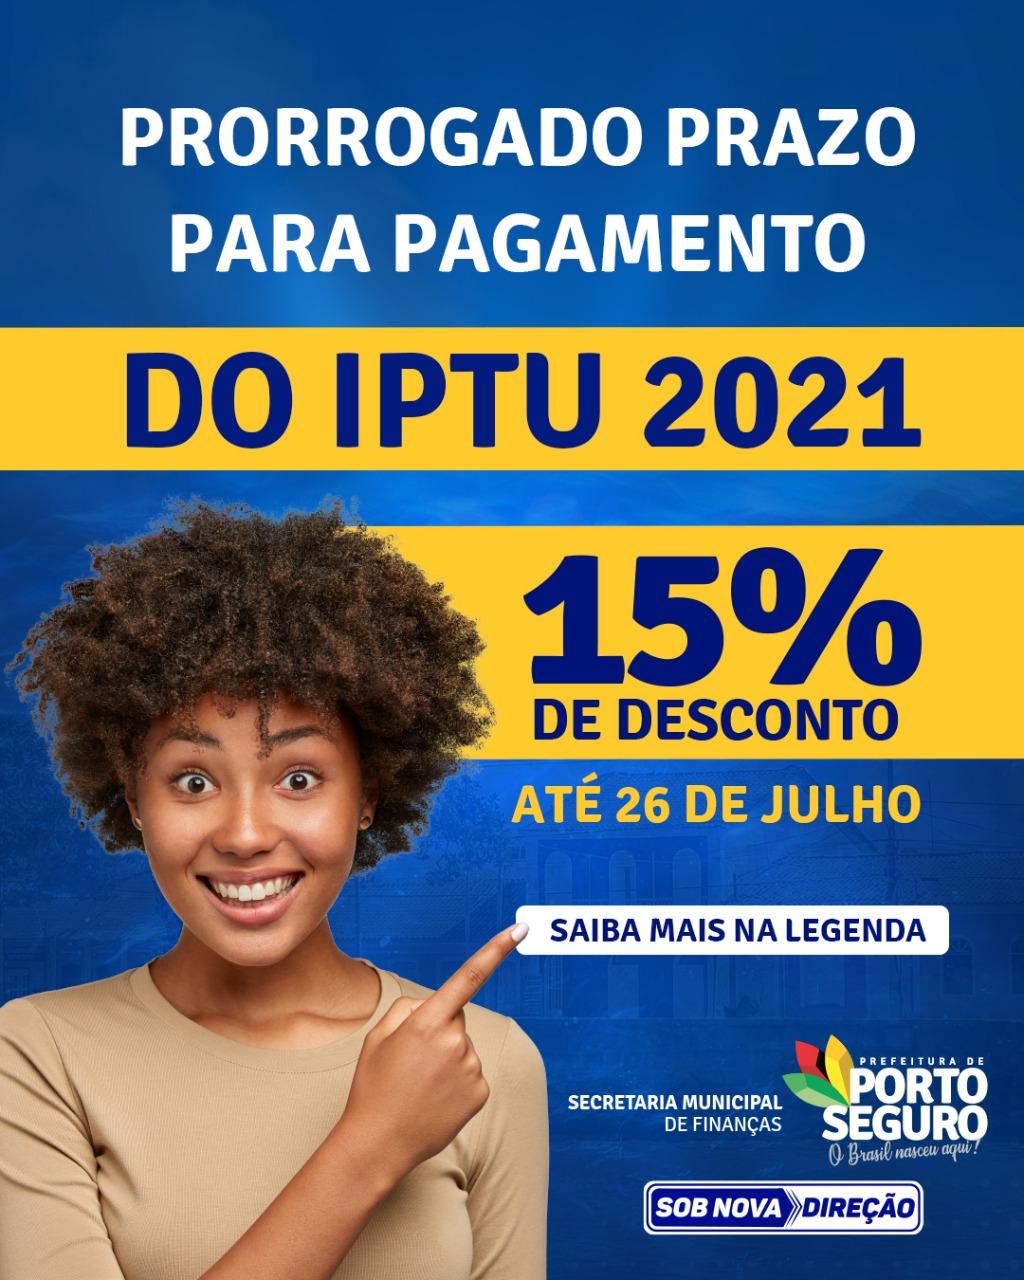 PORTO SEGURO: NOTÍCIA BOA PARA O CONTRIBUINTE! 18